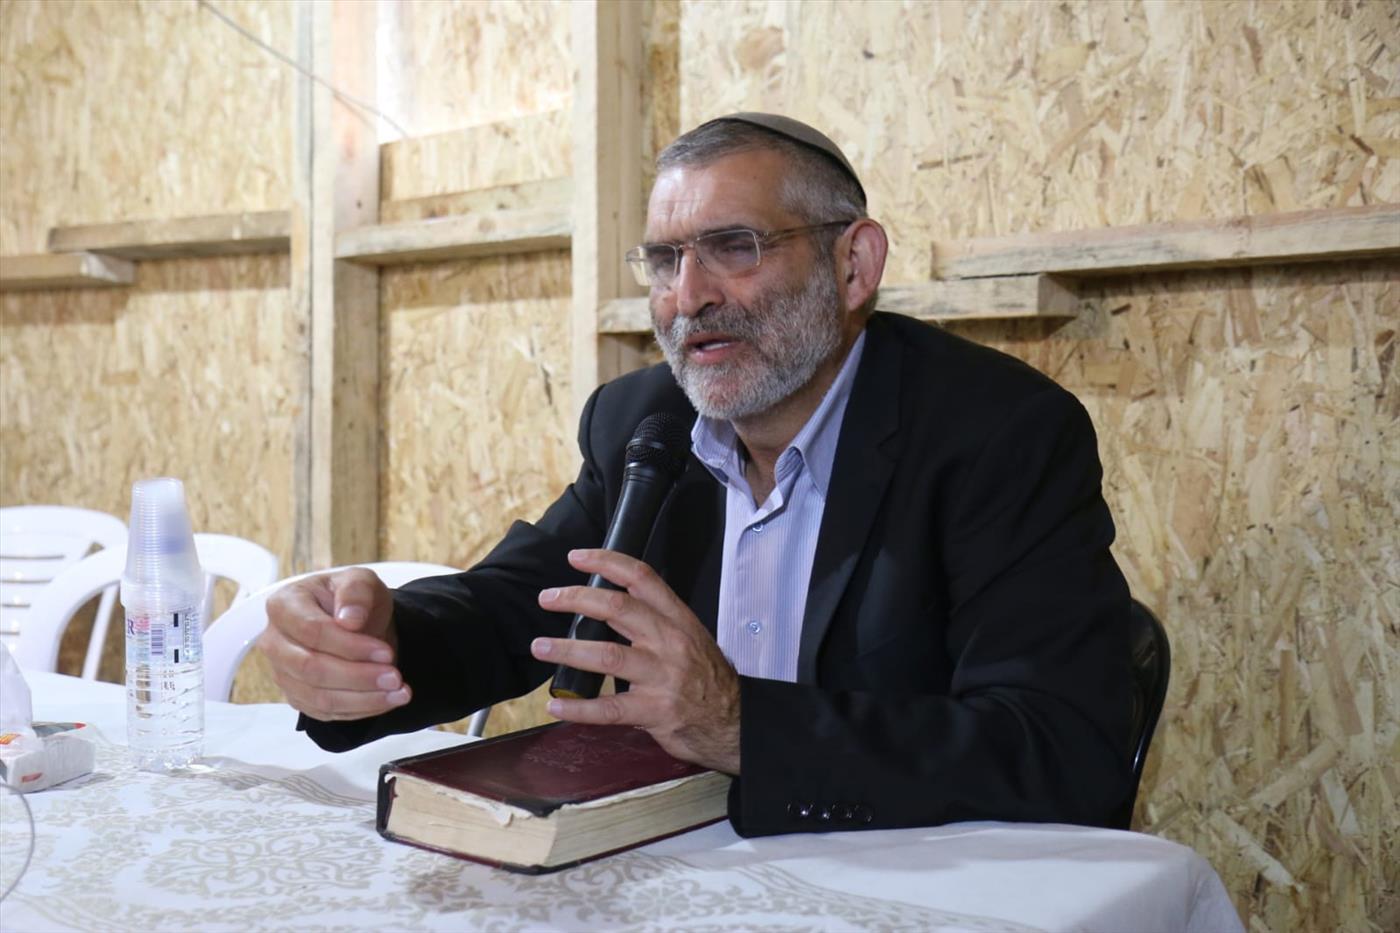 האחים המוסלמים: שורשי האידאולוגיה והתכניות הקיצוניות